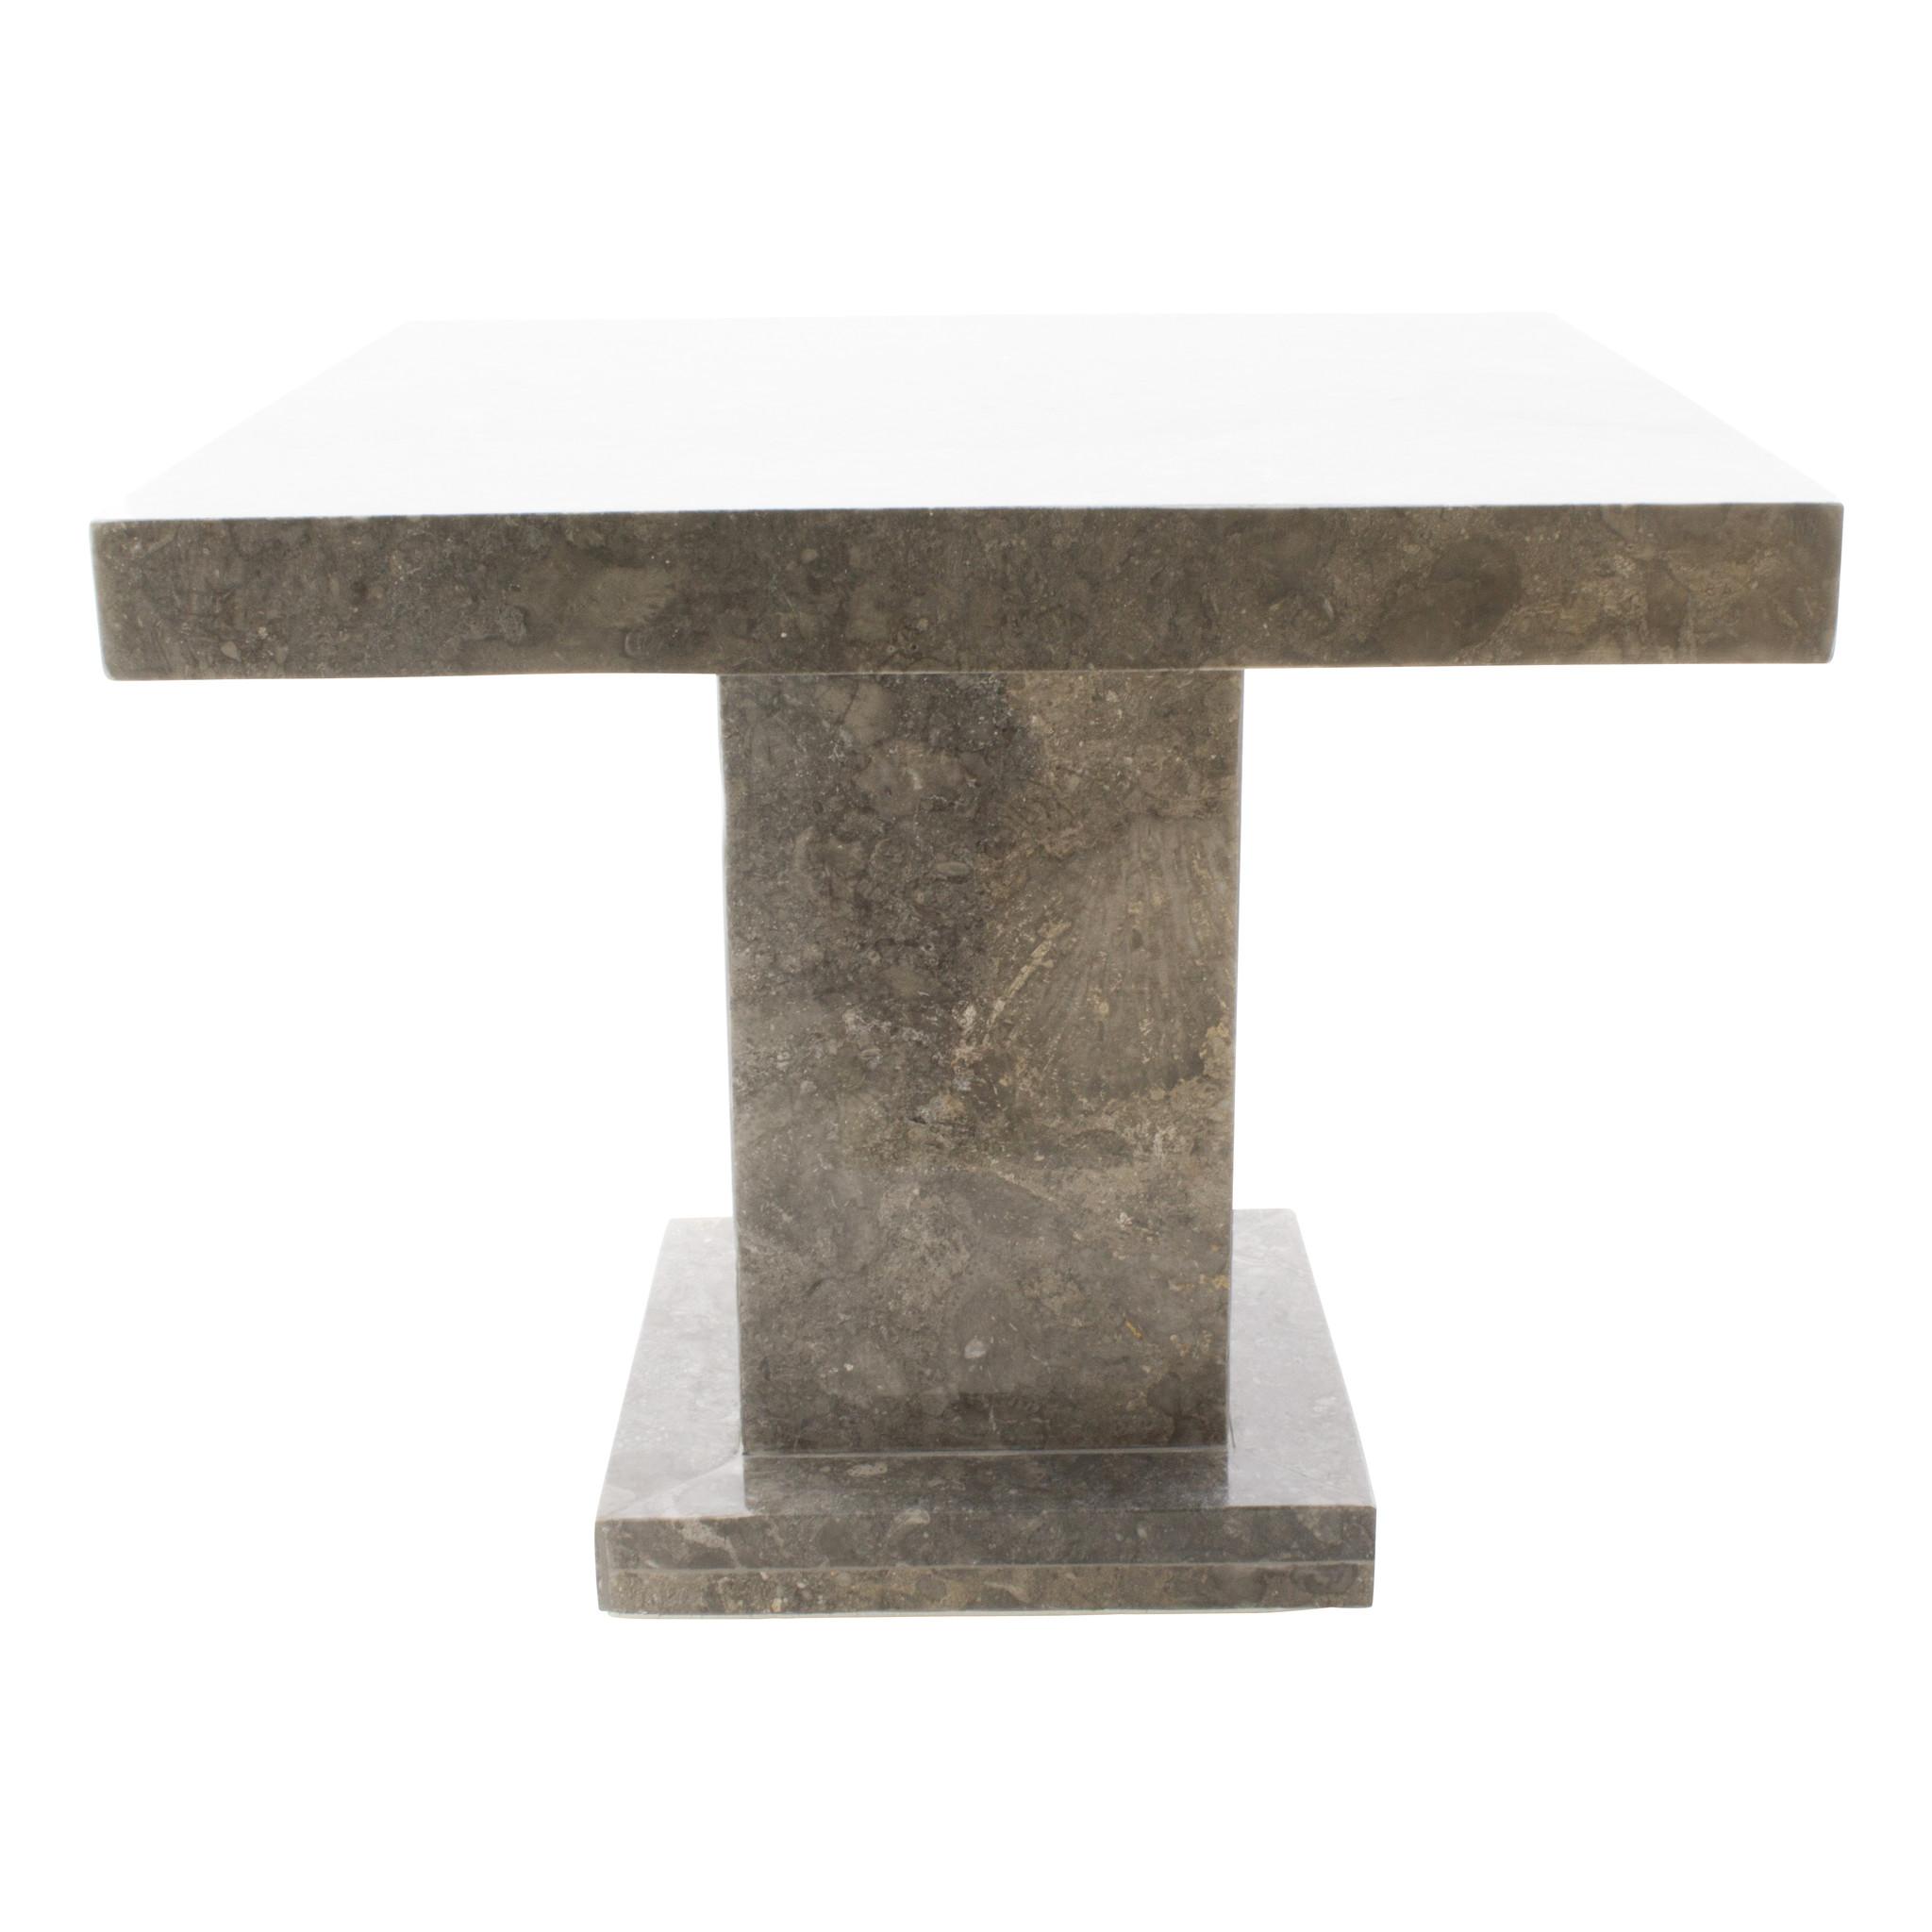 Indomarmer Beistelltisch Quadrat 50x50x40 cm Grauer Marmor